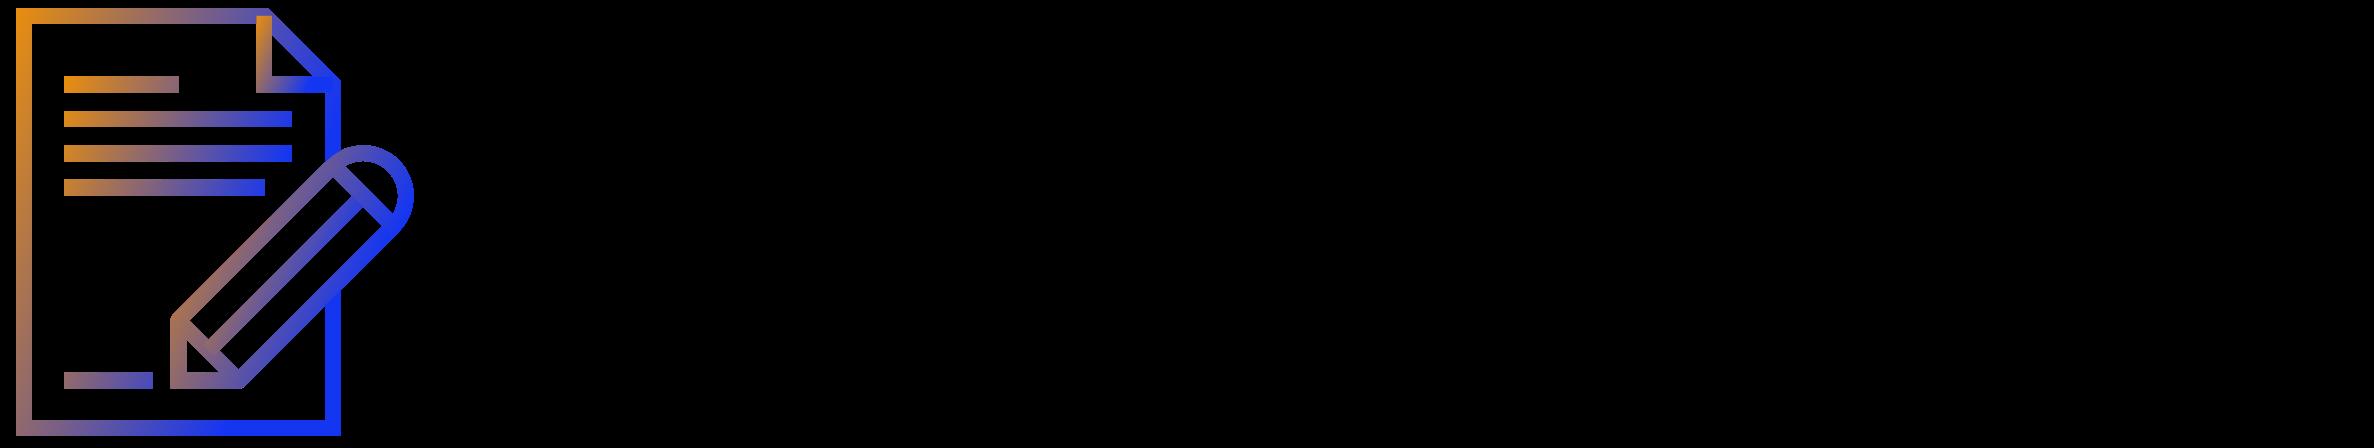 Versacebag Soutlet